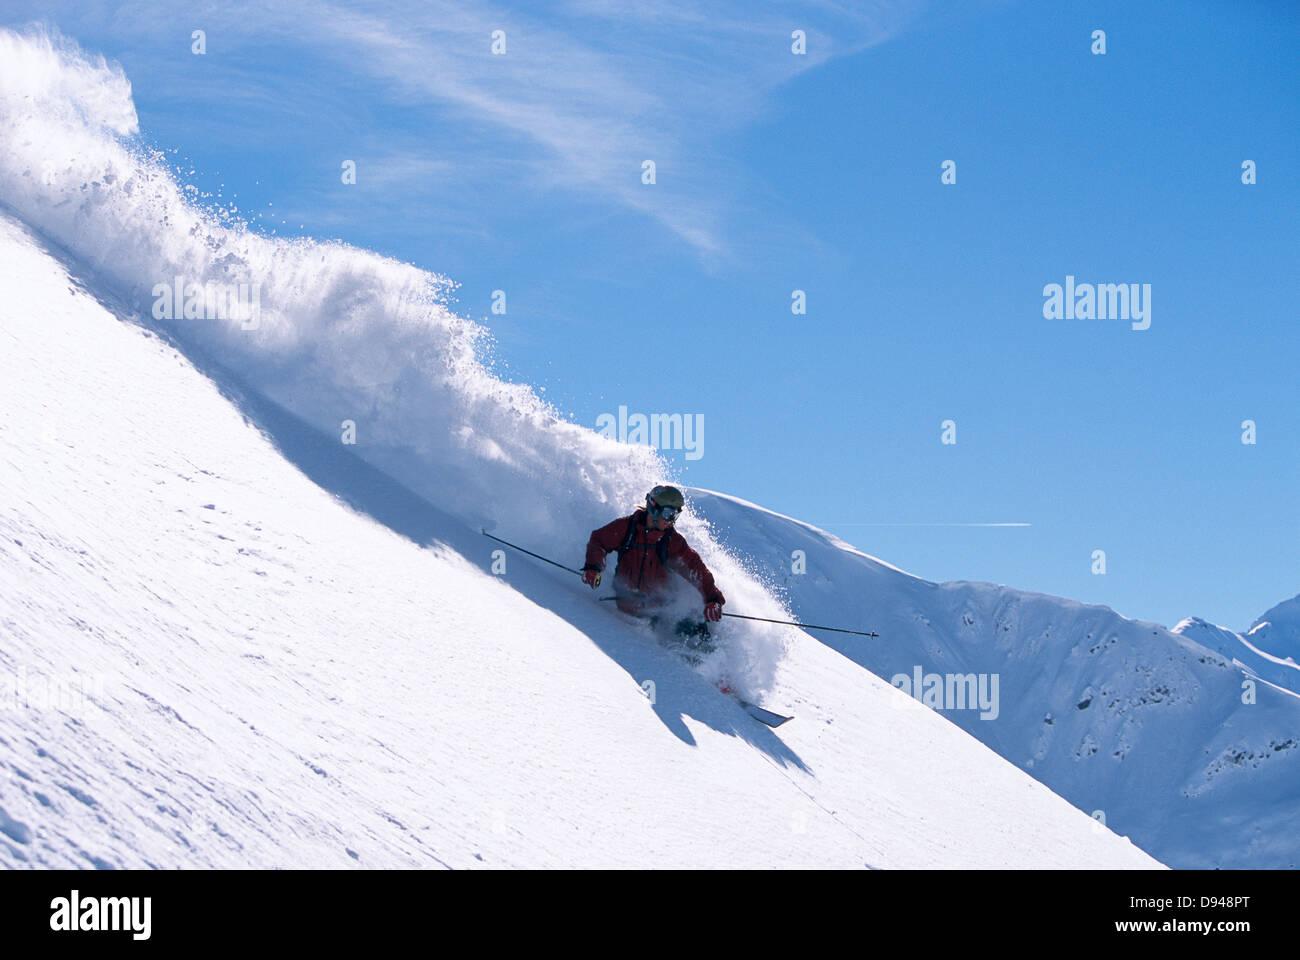 A skier, Austria. - Stock Image